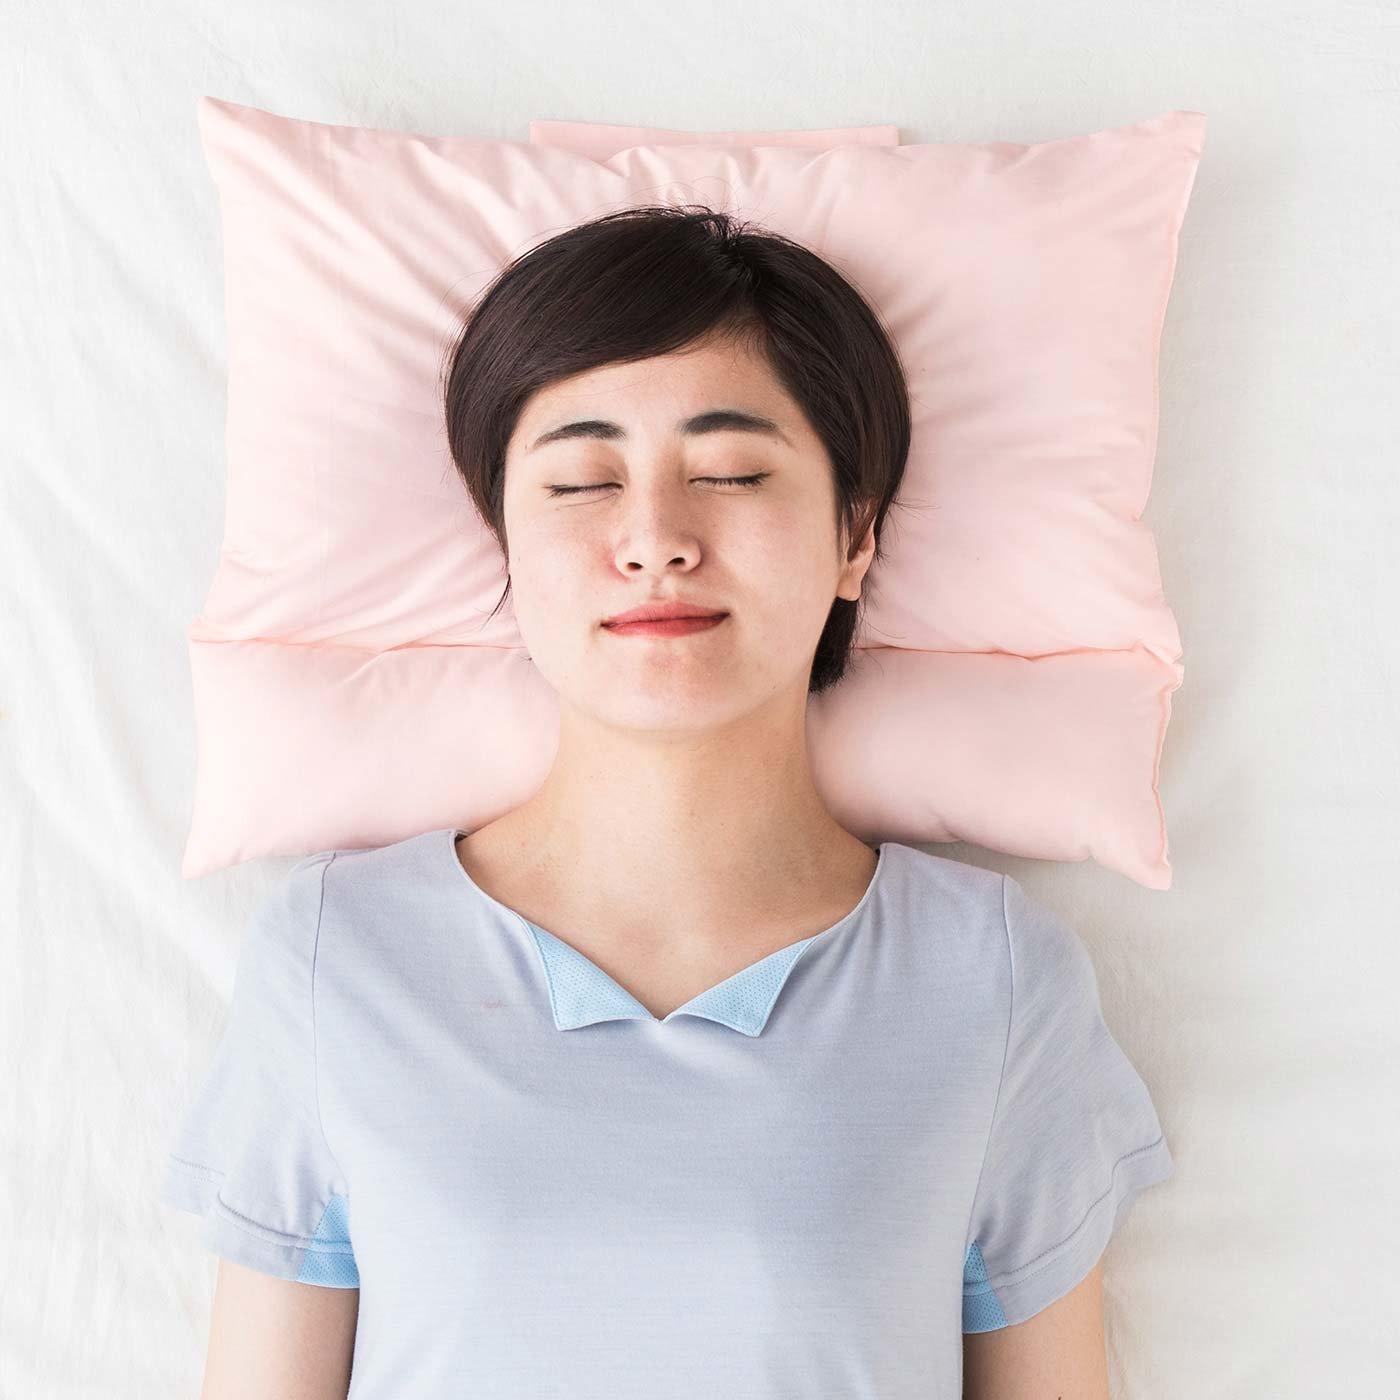 胸を開いてストレッチ&リラックス T字セパレート枕の会